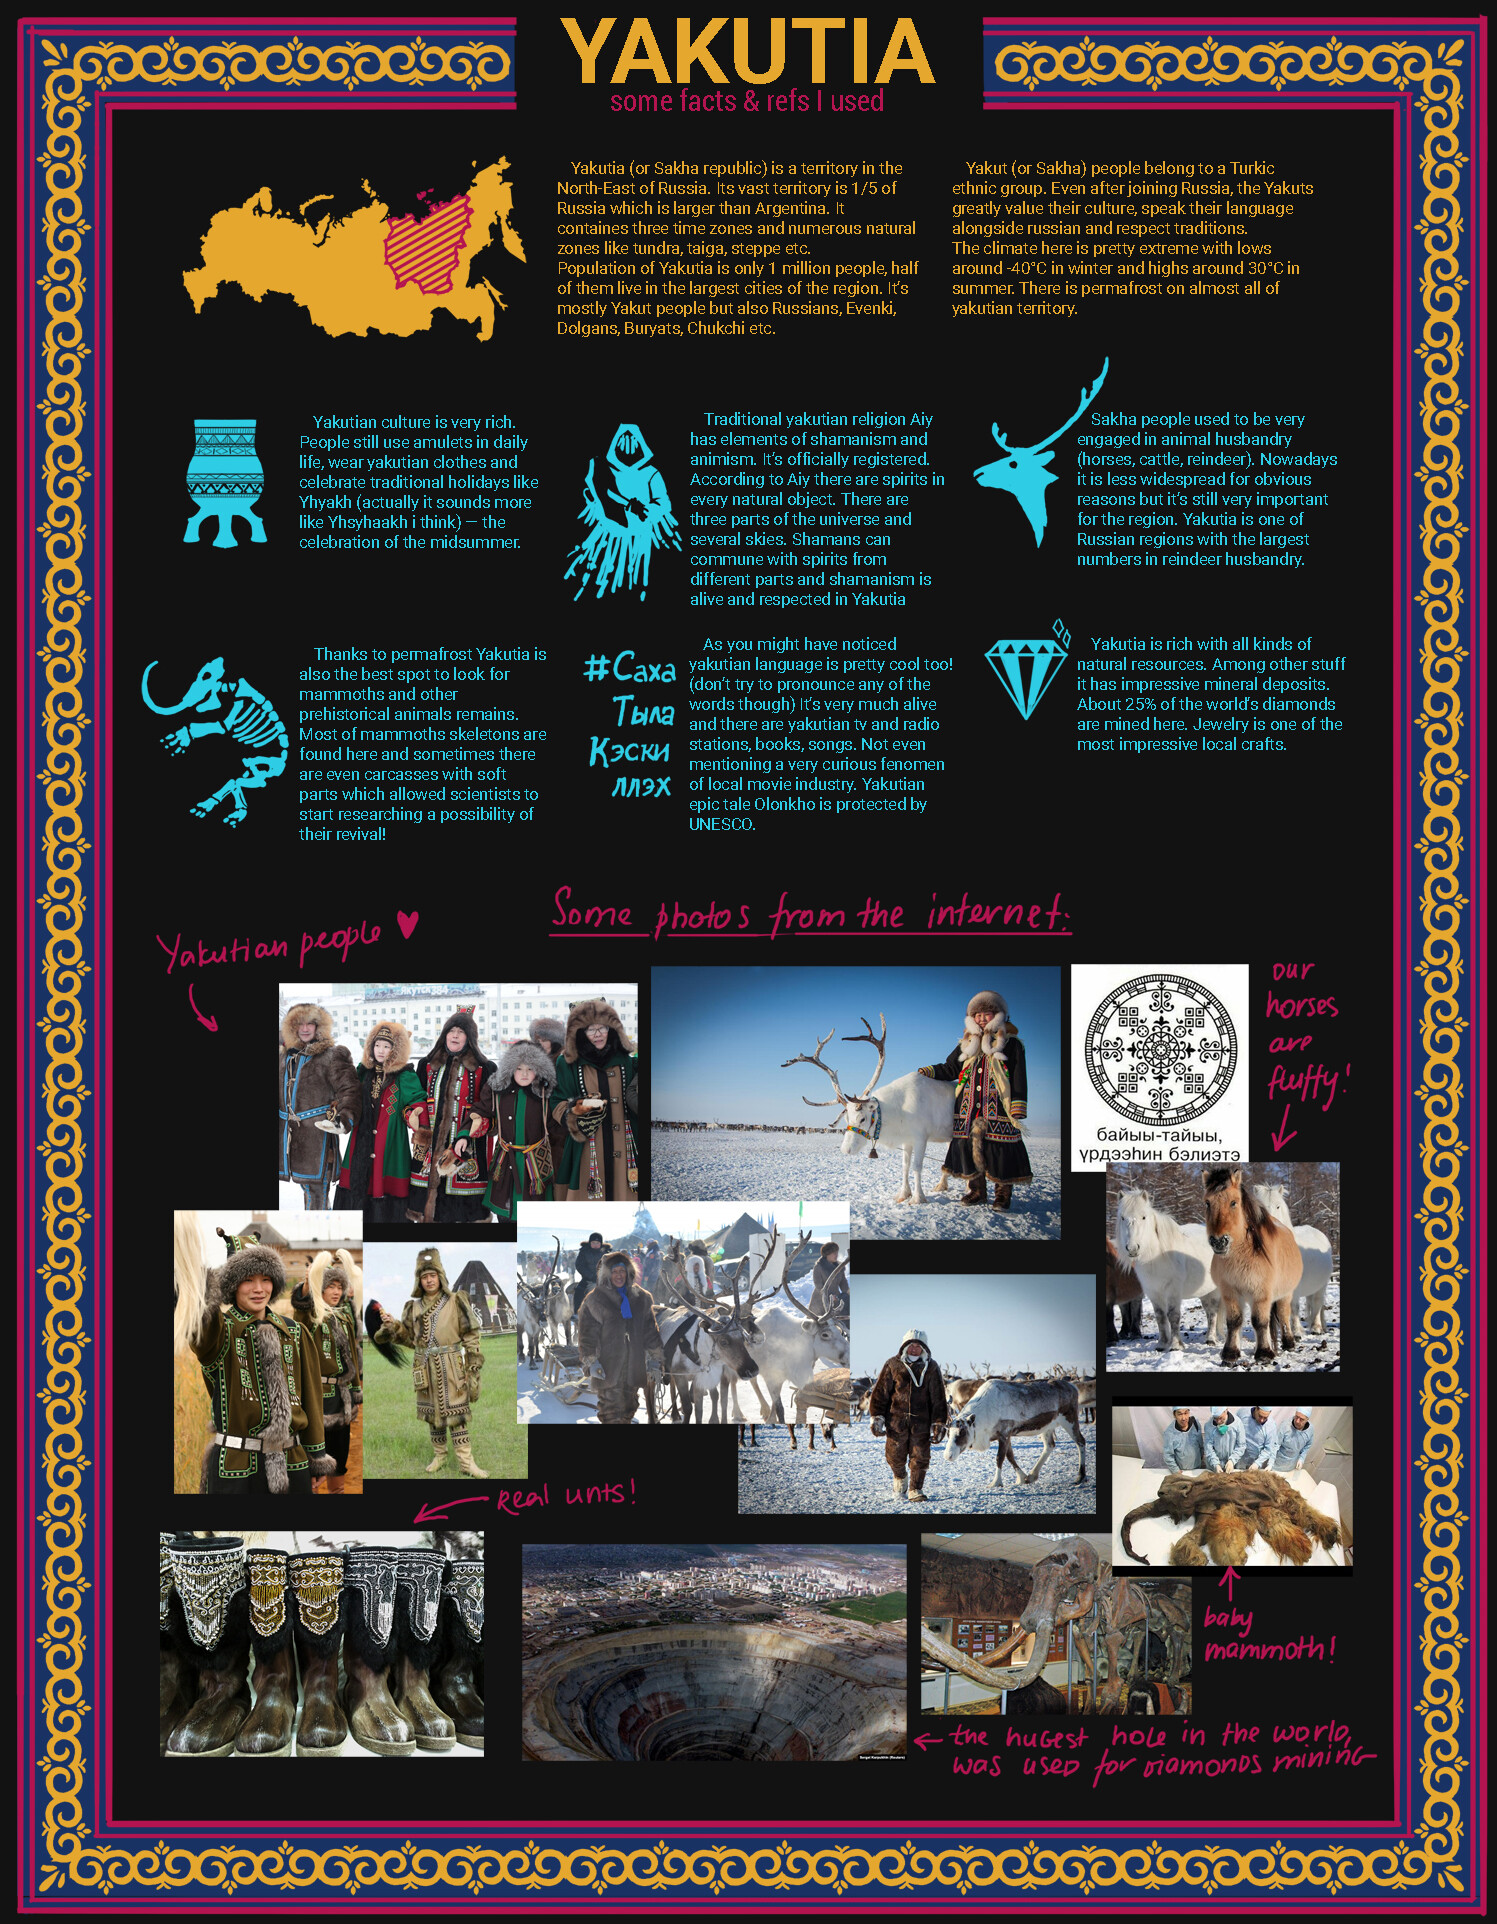 Irina nordsol kuzmina yakutia facts